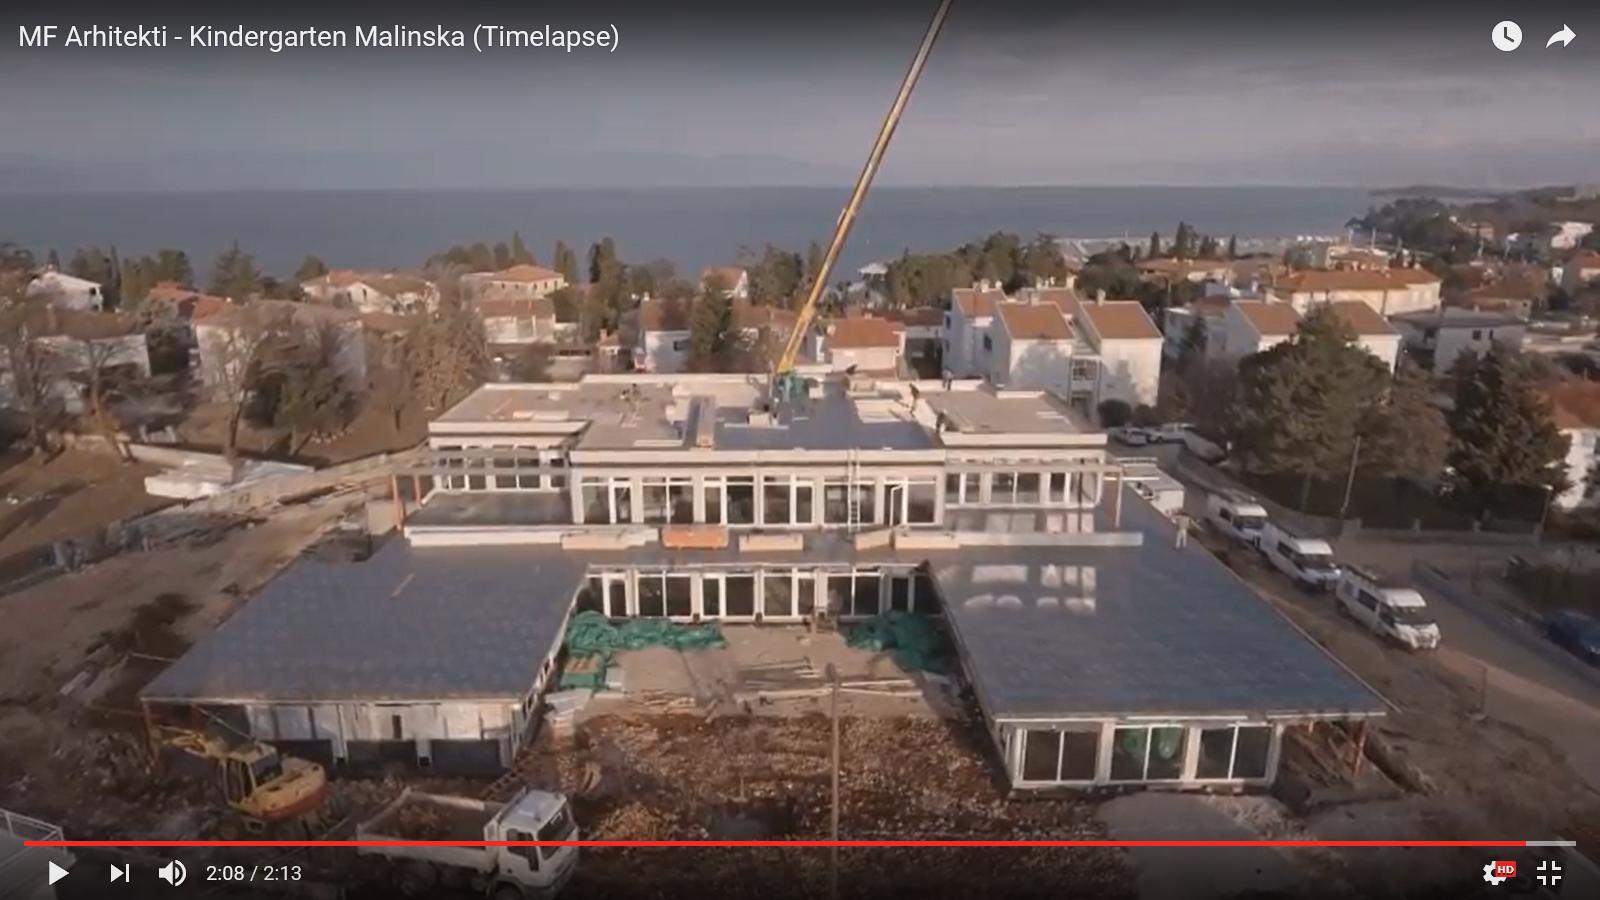 Slikopisni prikaz tijeka izgradnje vrtića u Malinskoj – Dubašnici